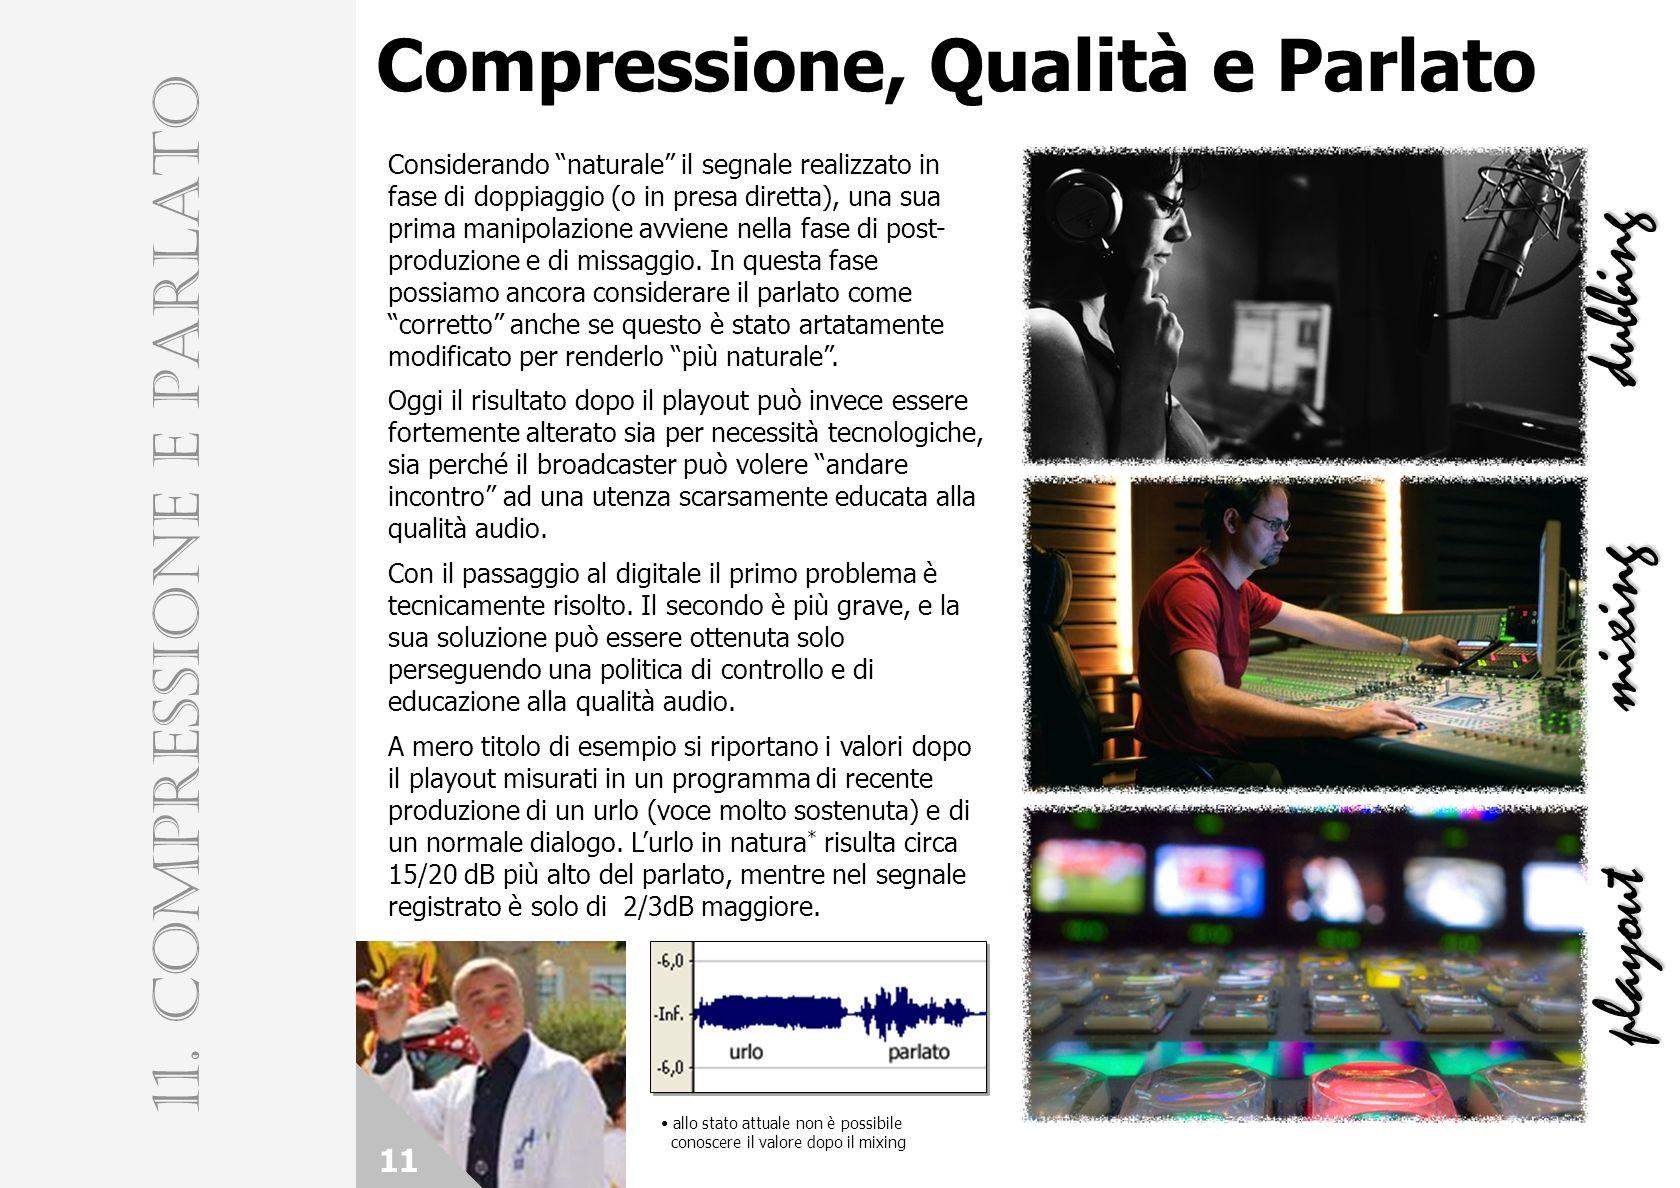 Compressione, Qualità e Parlato 11 11.